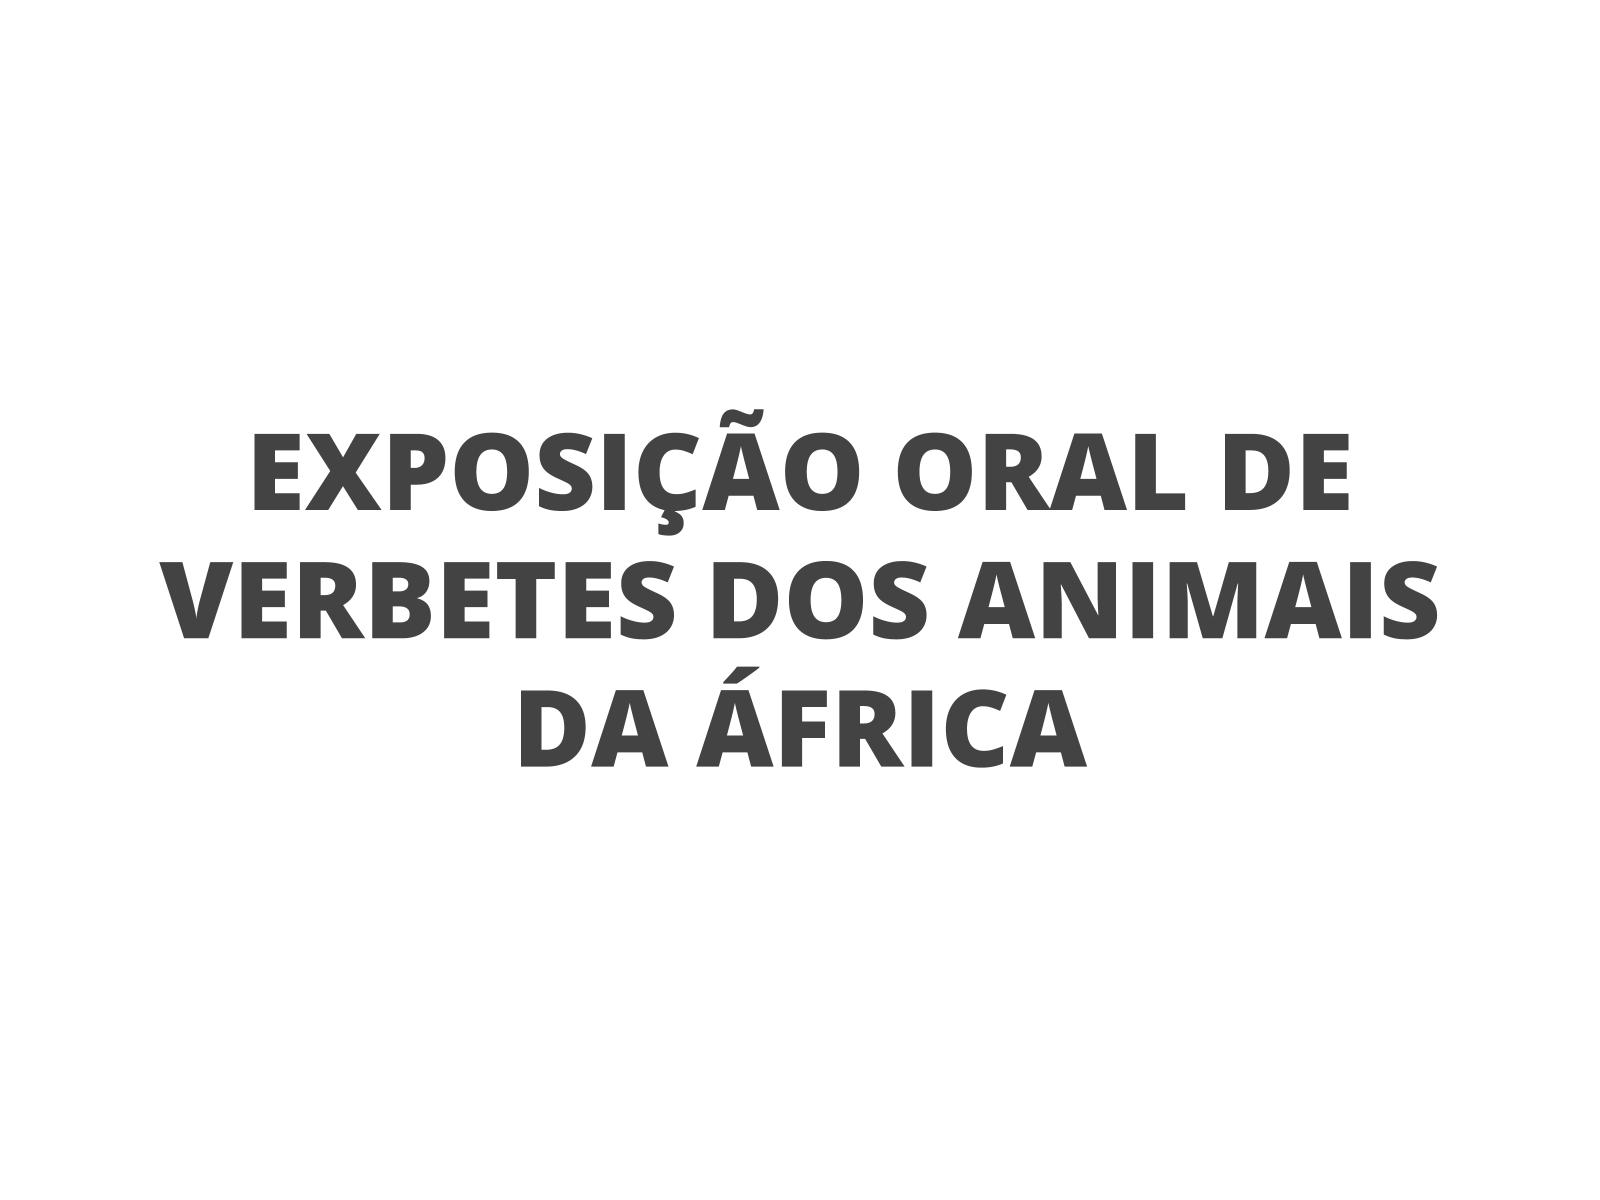 Exposição oral de  verbetes  Animais da África